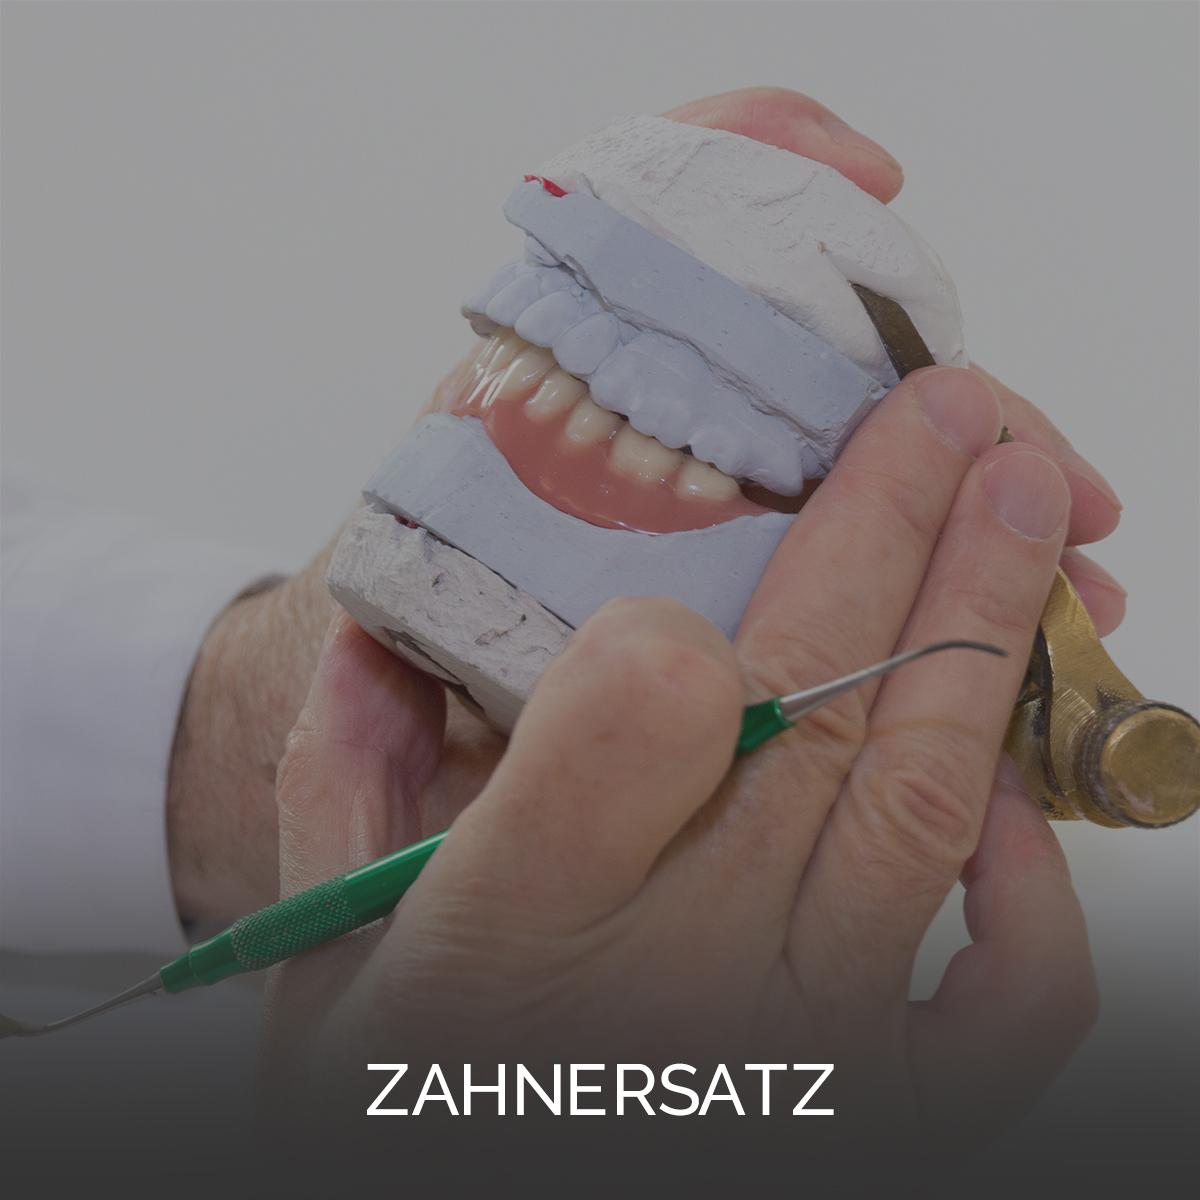 Zahnersatzt: Kronen, Teilkronnen, Brücken, Prothesen / Zahnarztpraxis in Miite von Berlin